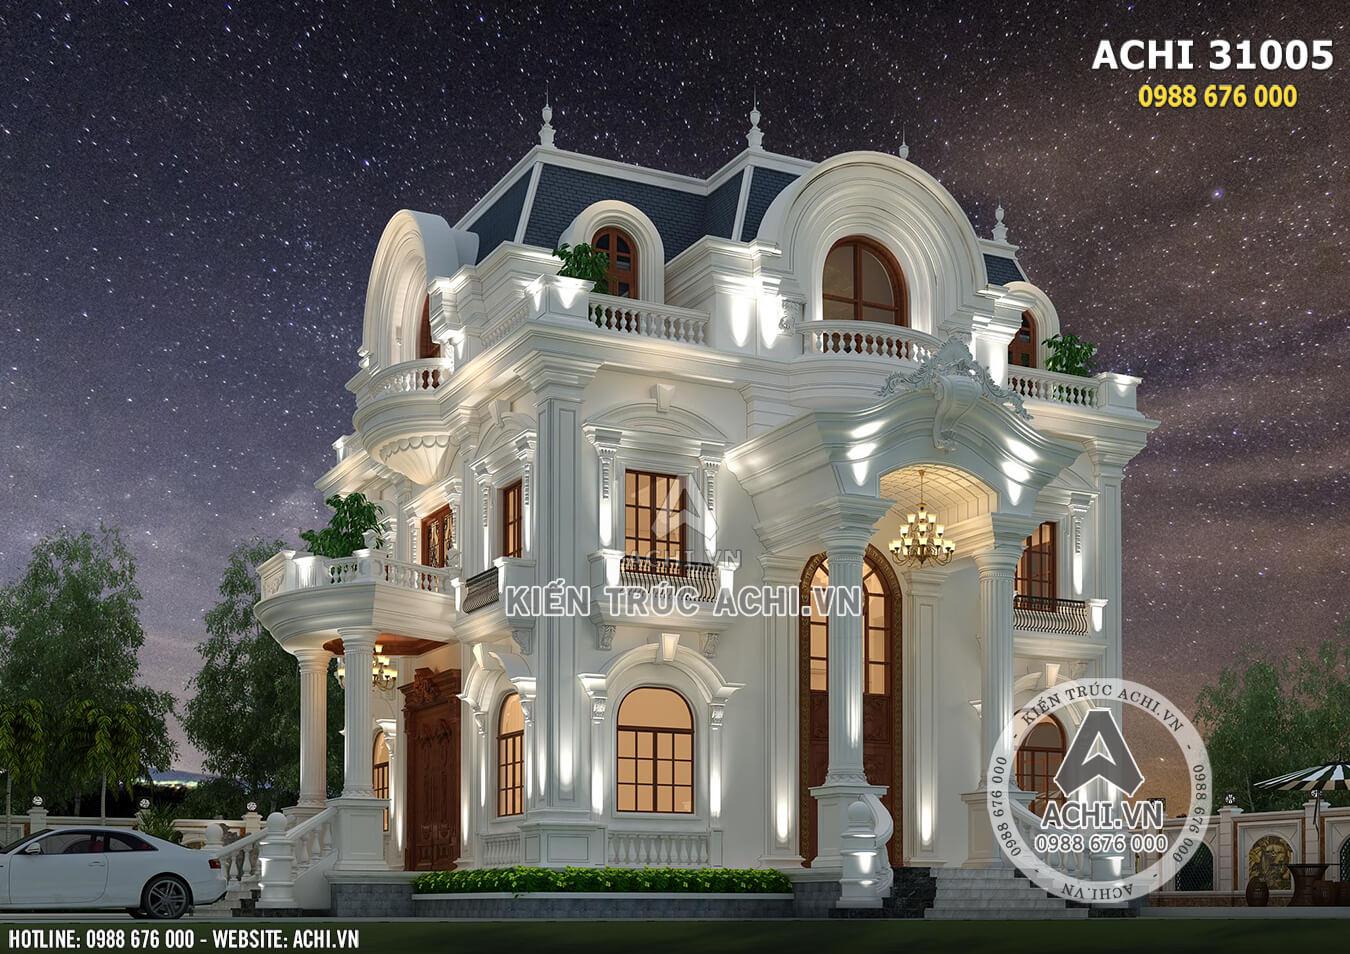 Mẫu biệt thự tân cổ điển 3 tầng đẹp tại Sài Gòn - ACHI 31005